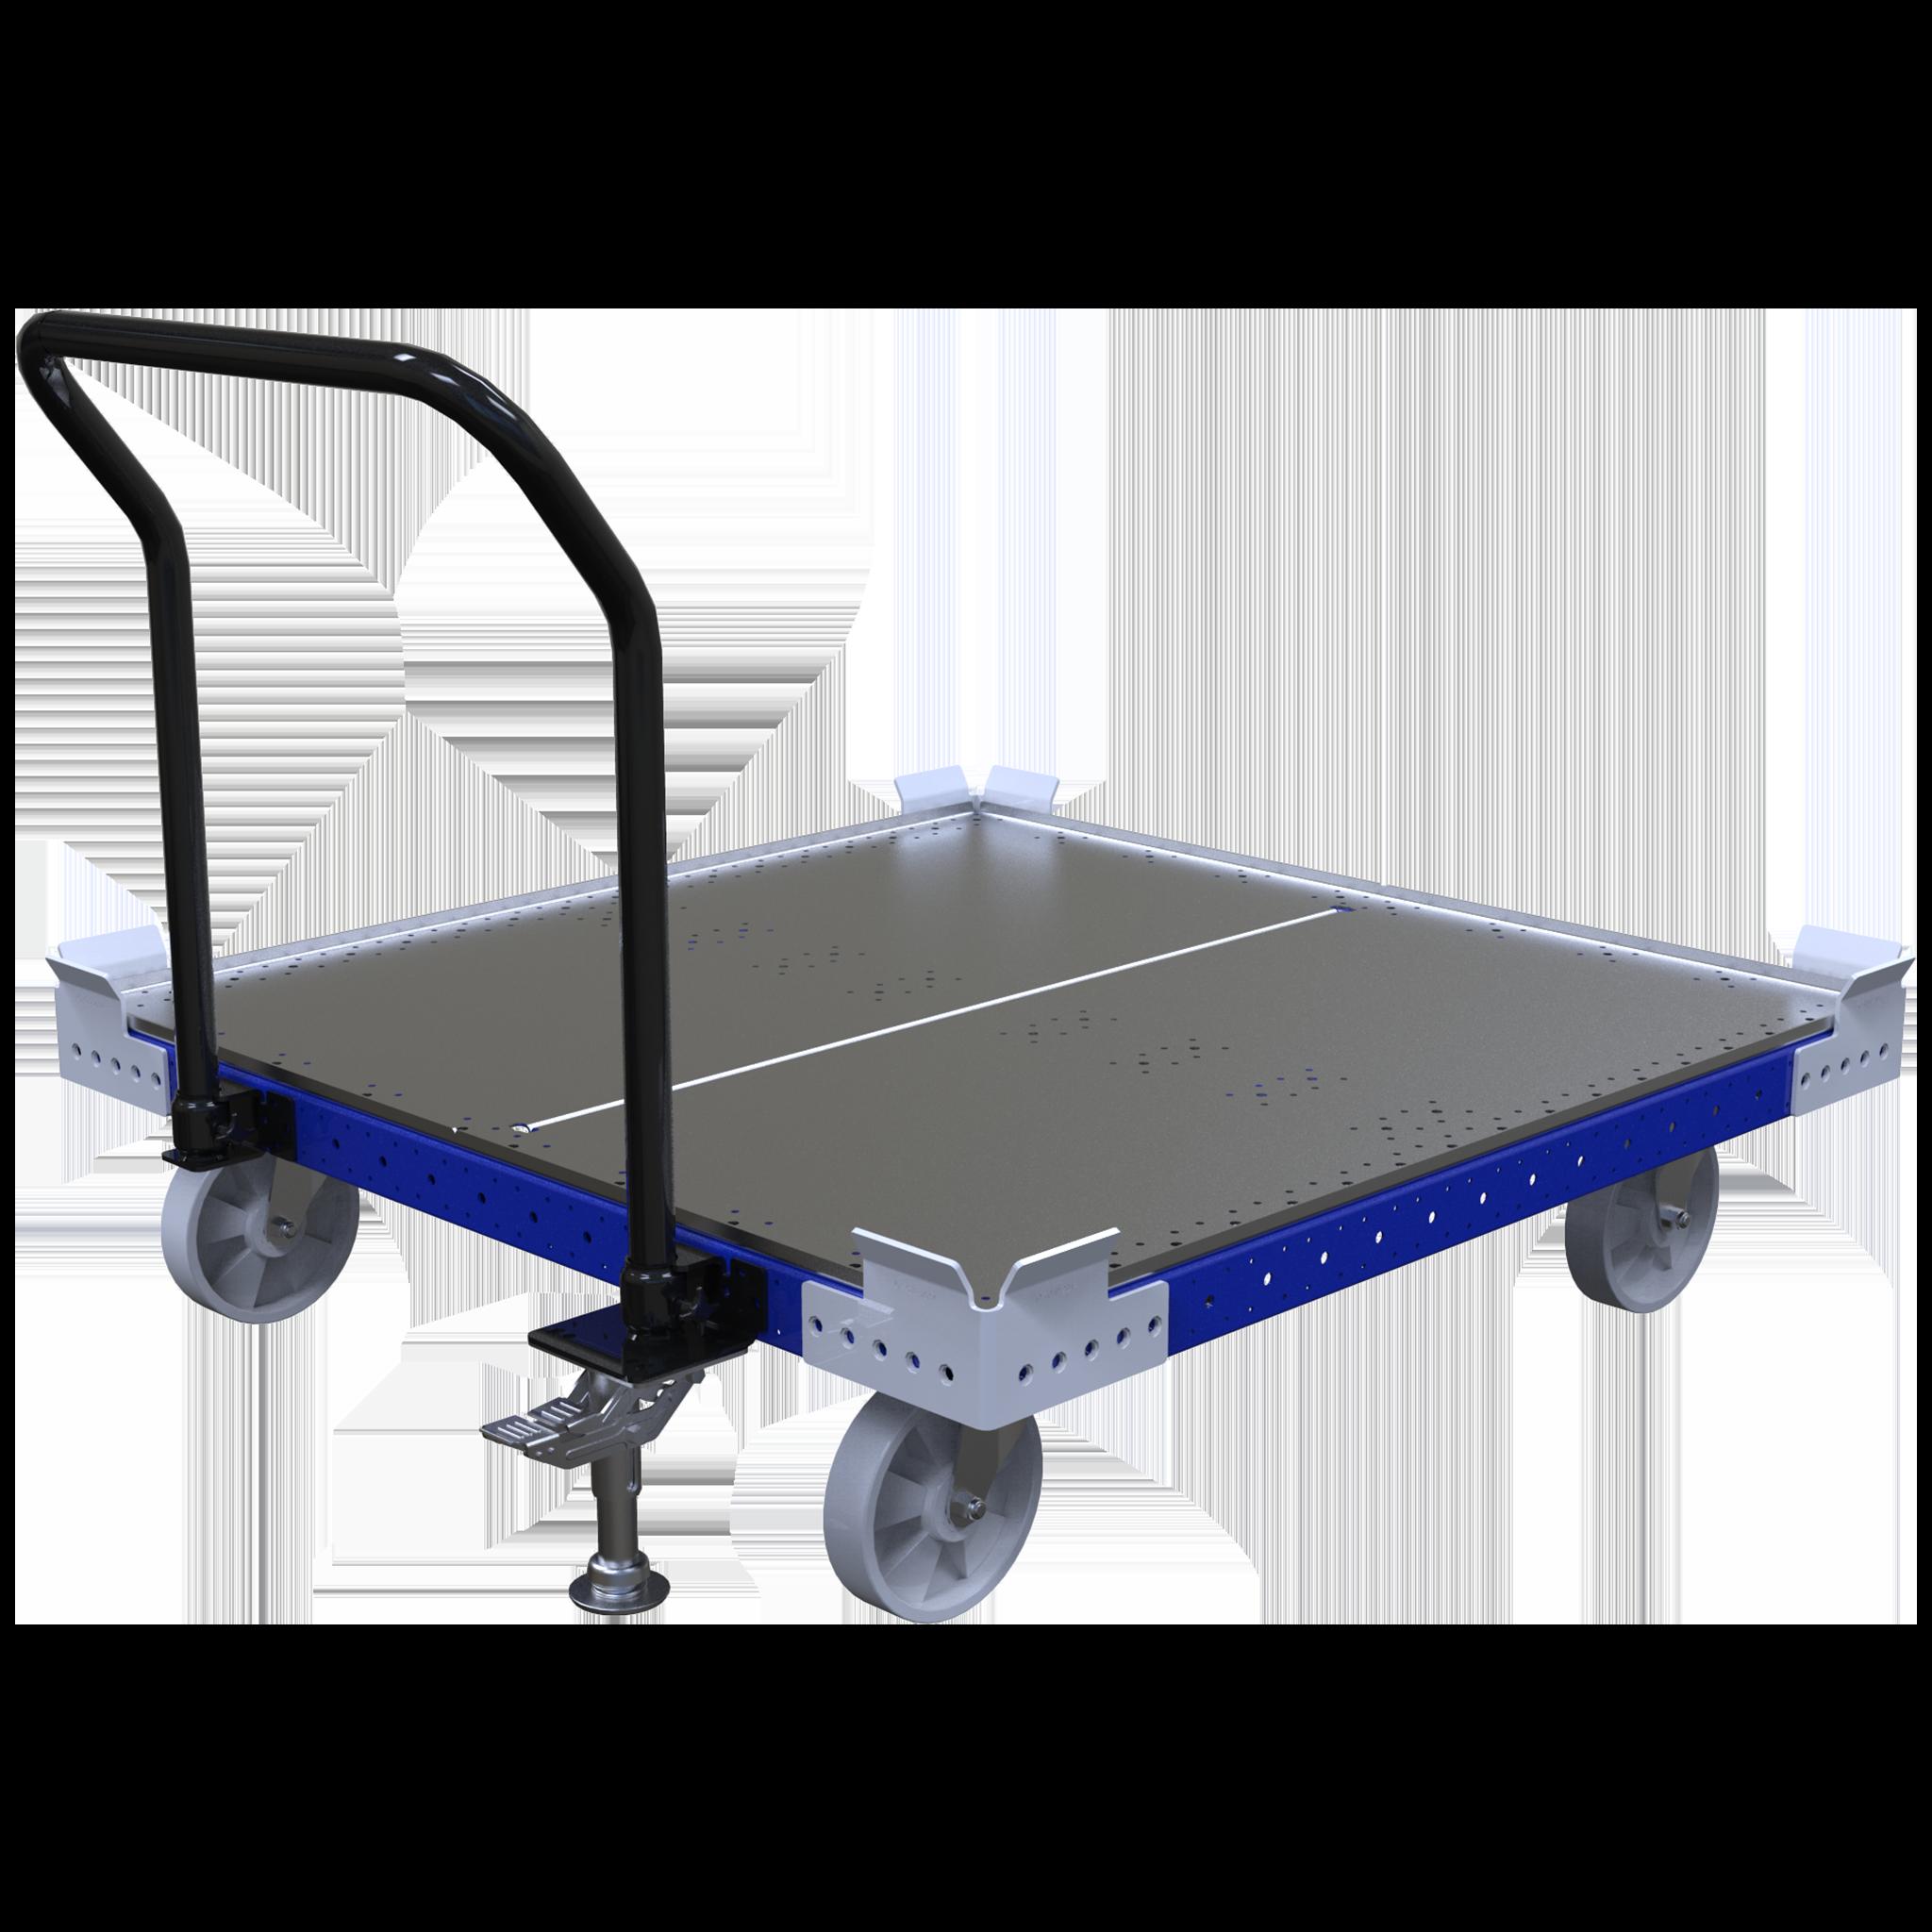 Carro de empuje de plataforma plana - 1260 x 1260 mm